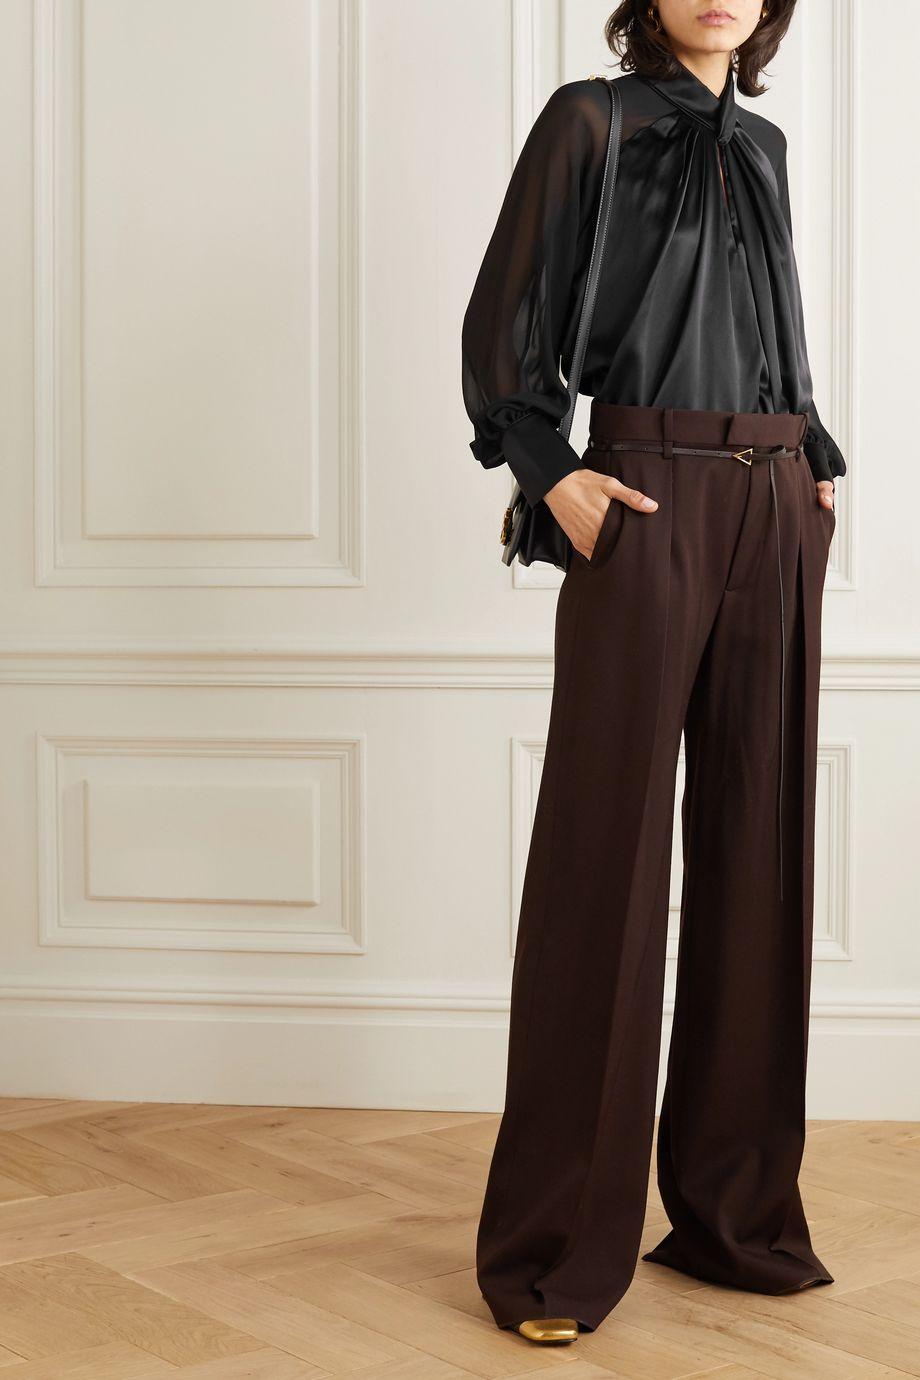 Max Mara Enna knotted silk-satin and chiffon blouse